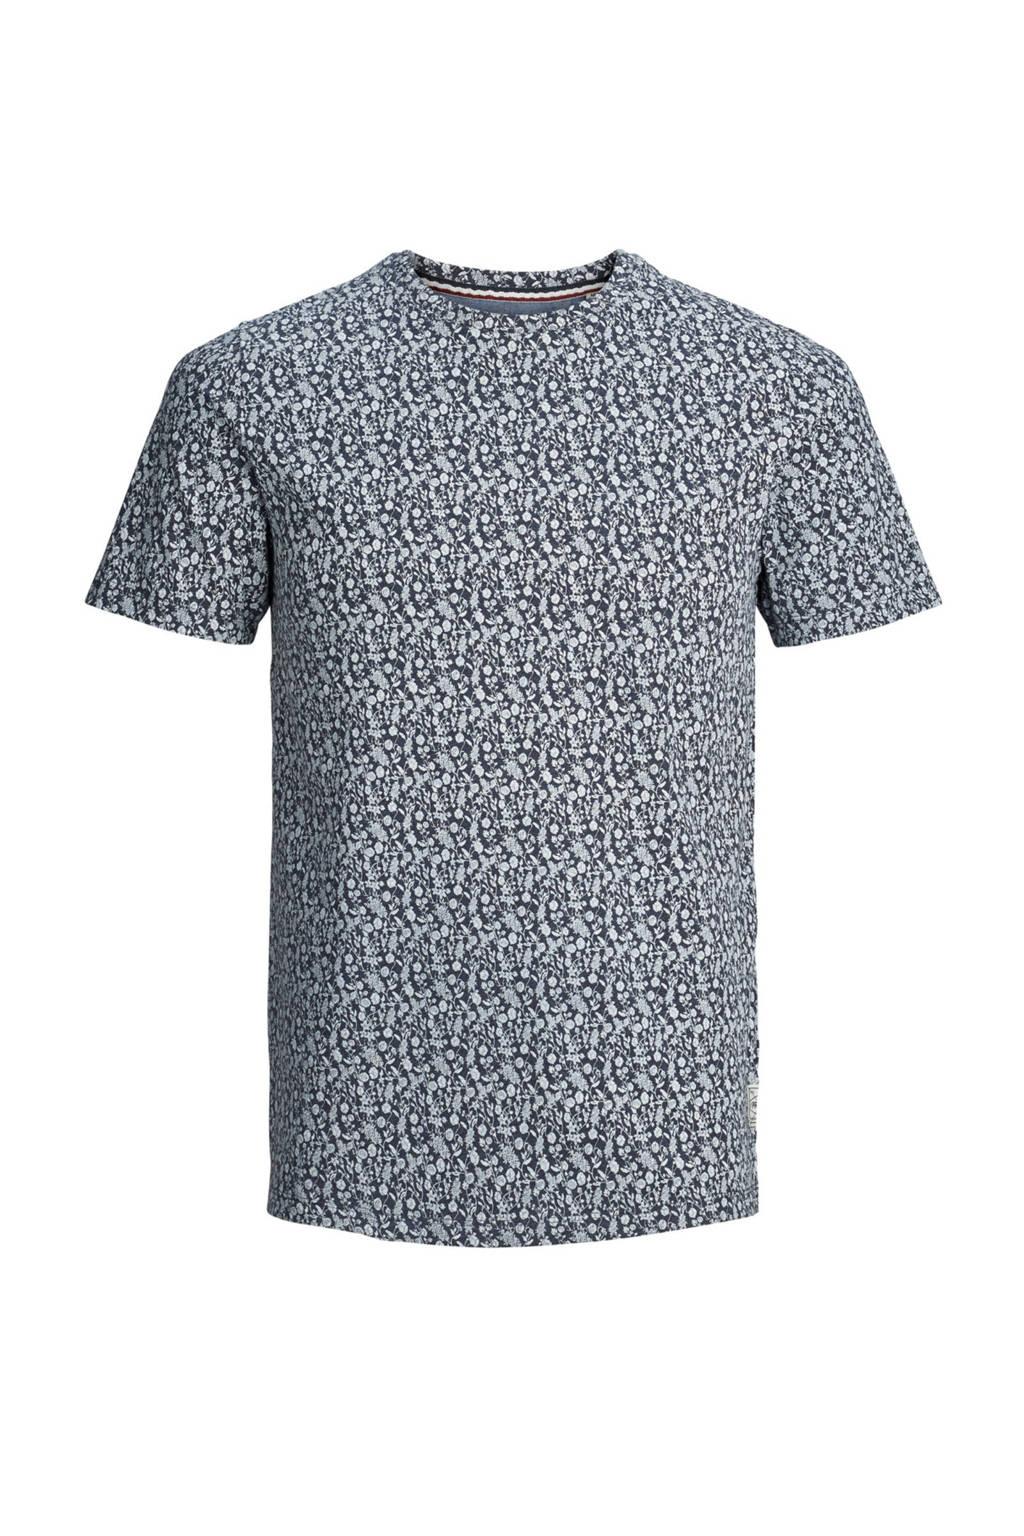 PRODUKT T-shirt met print blauw, Blauw/grijs